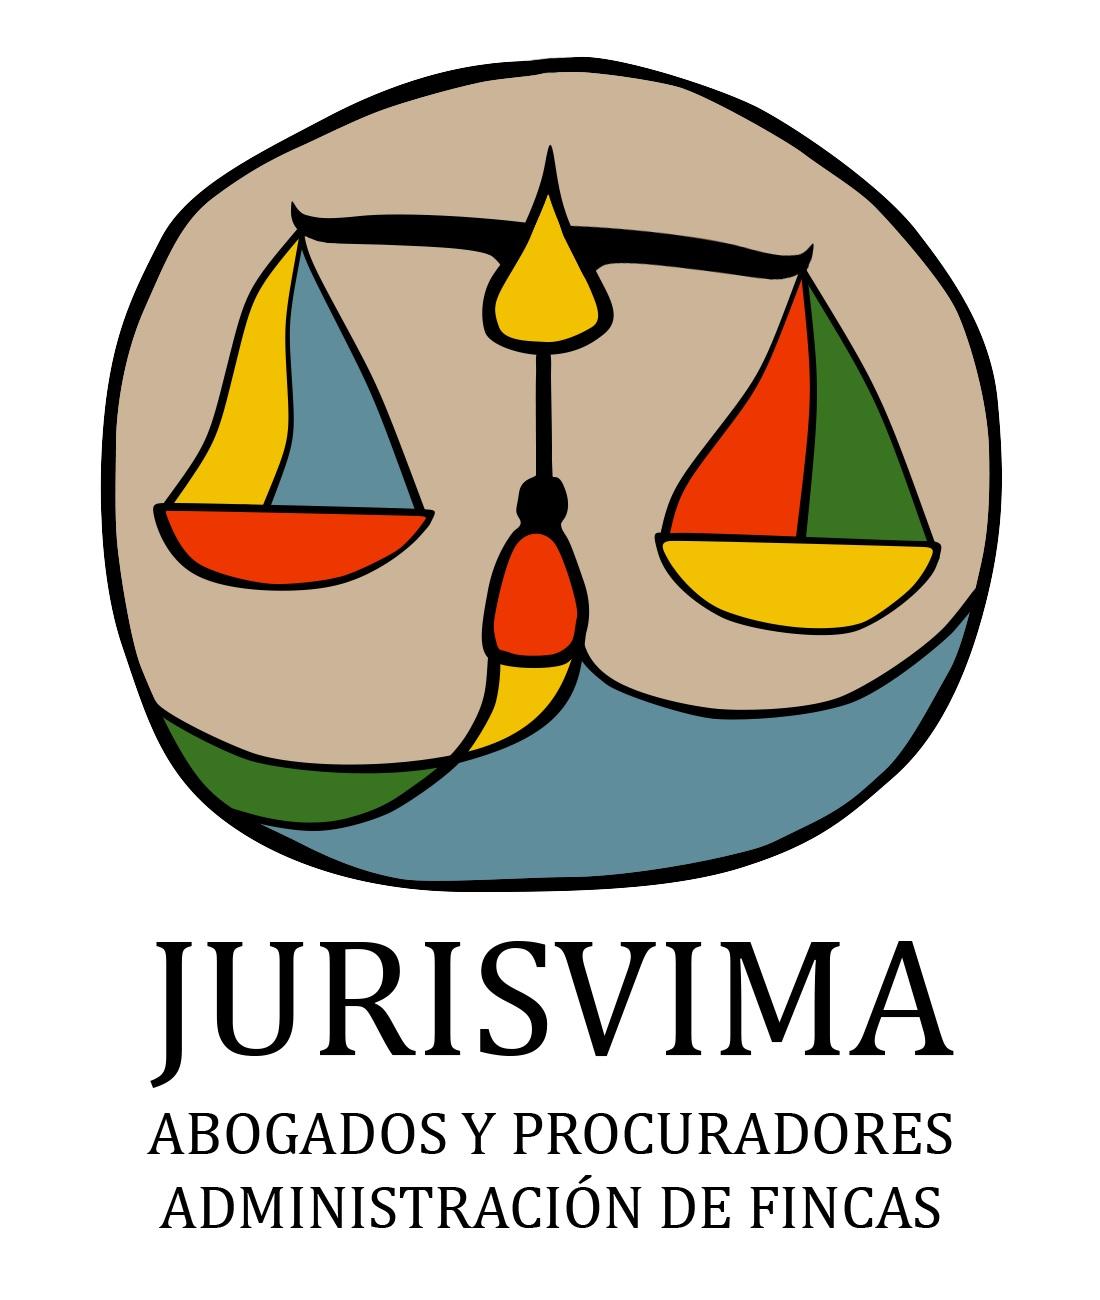 JURISVIMA